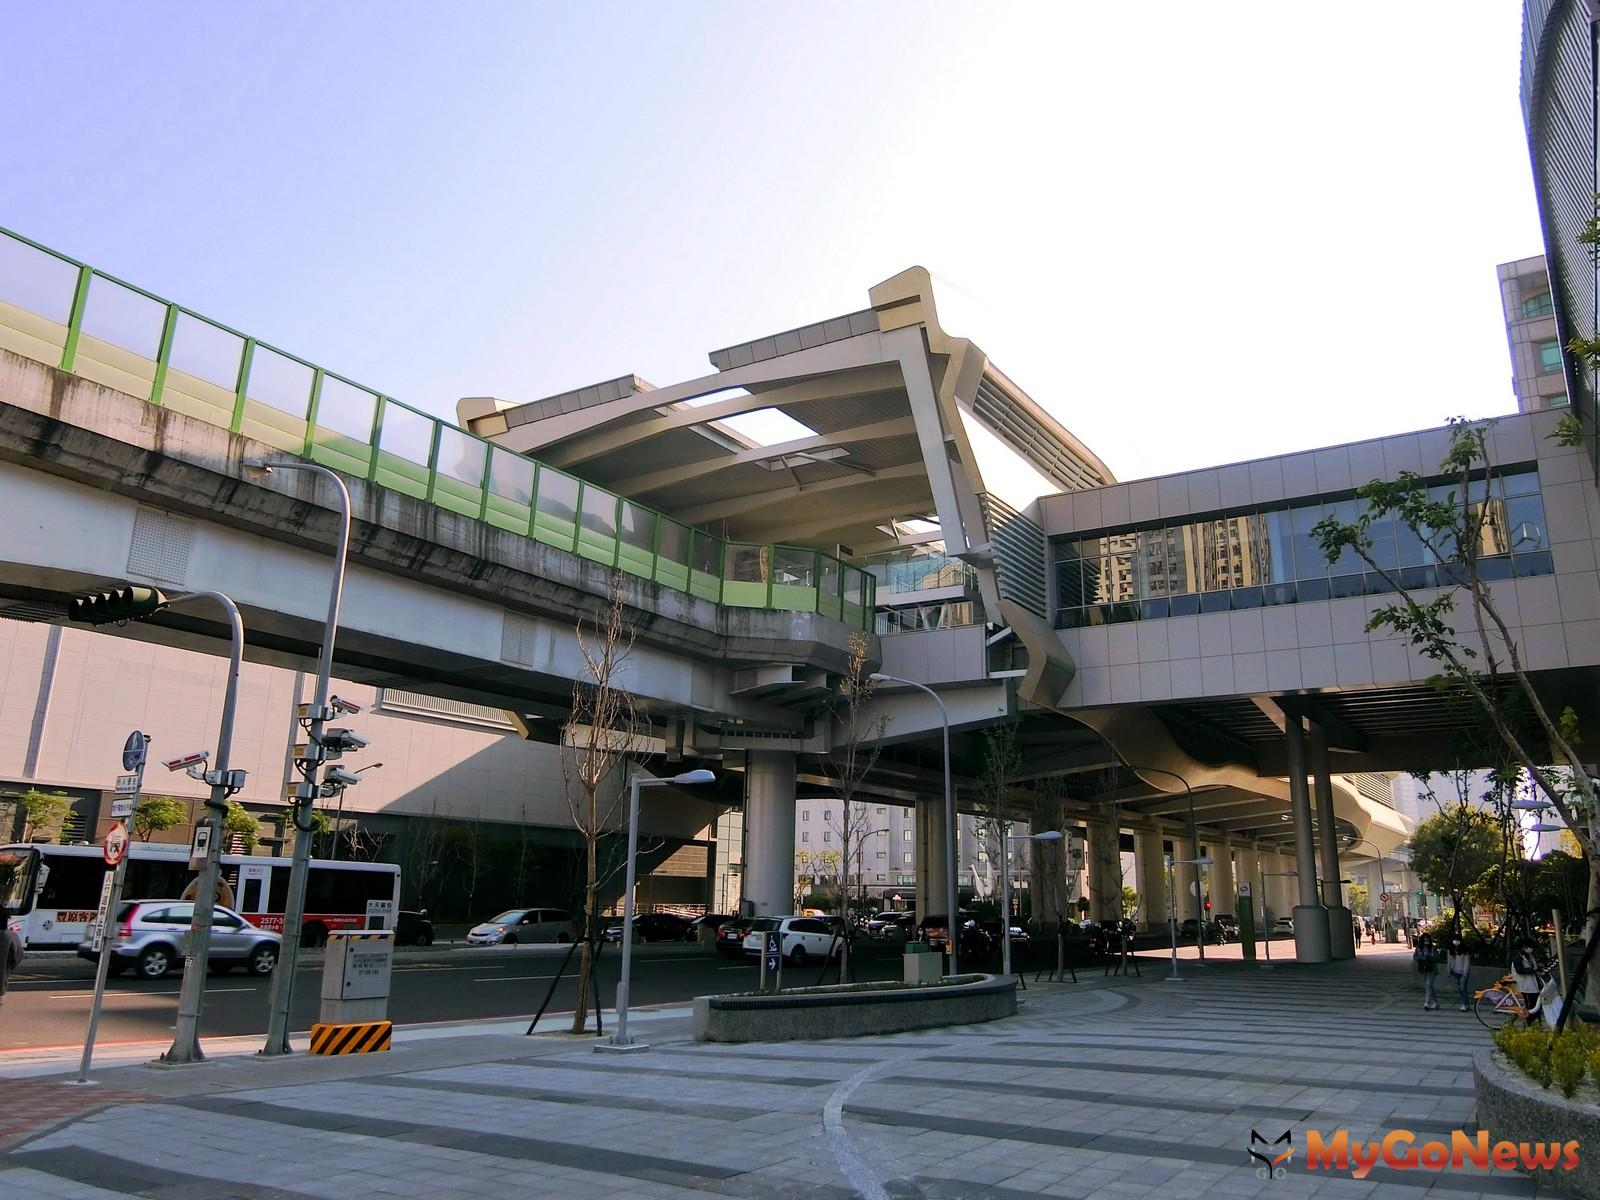 中捷運線的市政府站,新成屋與中古屋價差懸殊。(台灣房屋集團趨勢中心提供) MyGoNews房地產新聞 市場快訊